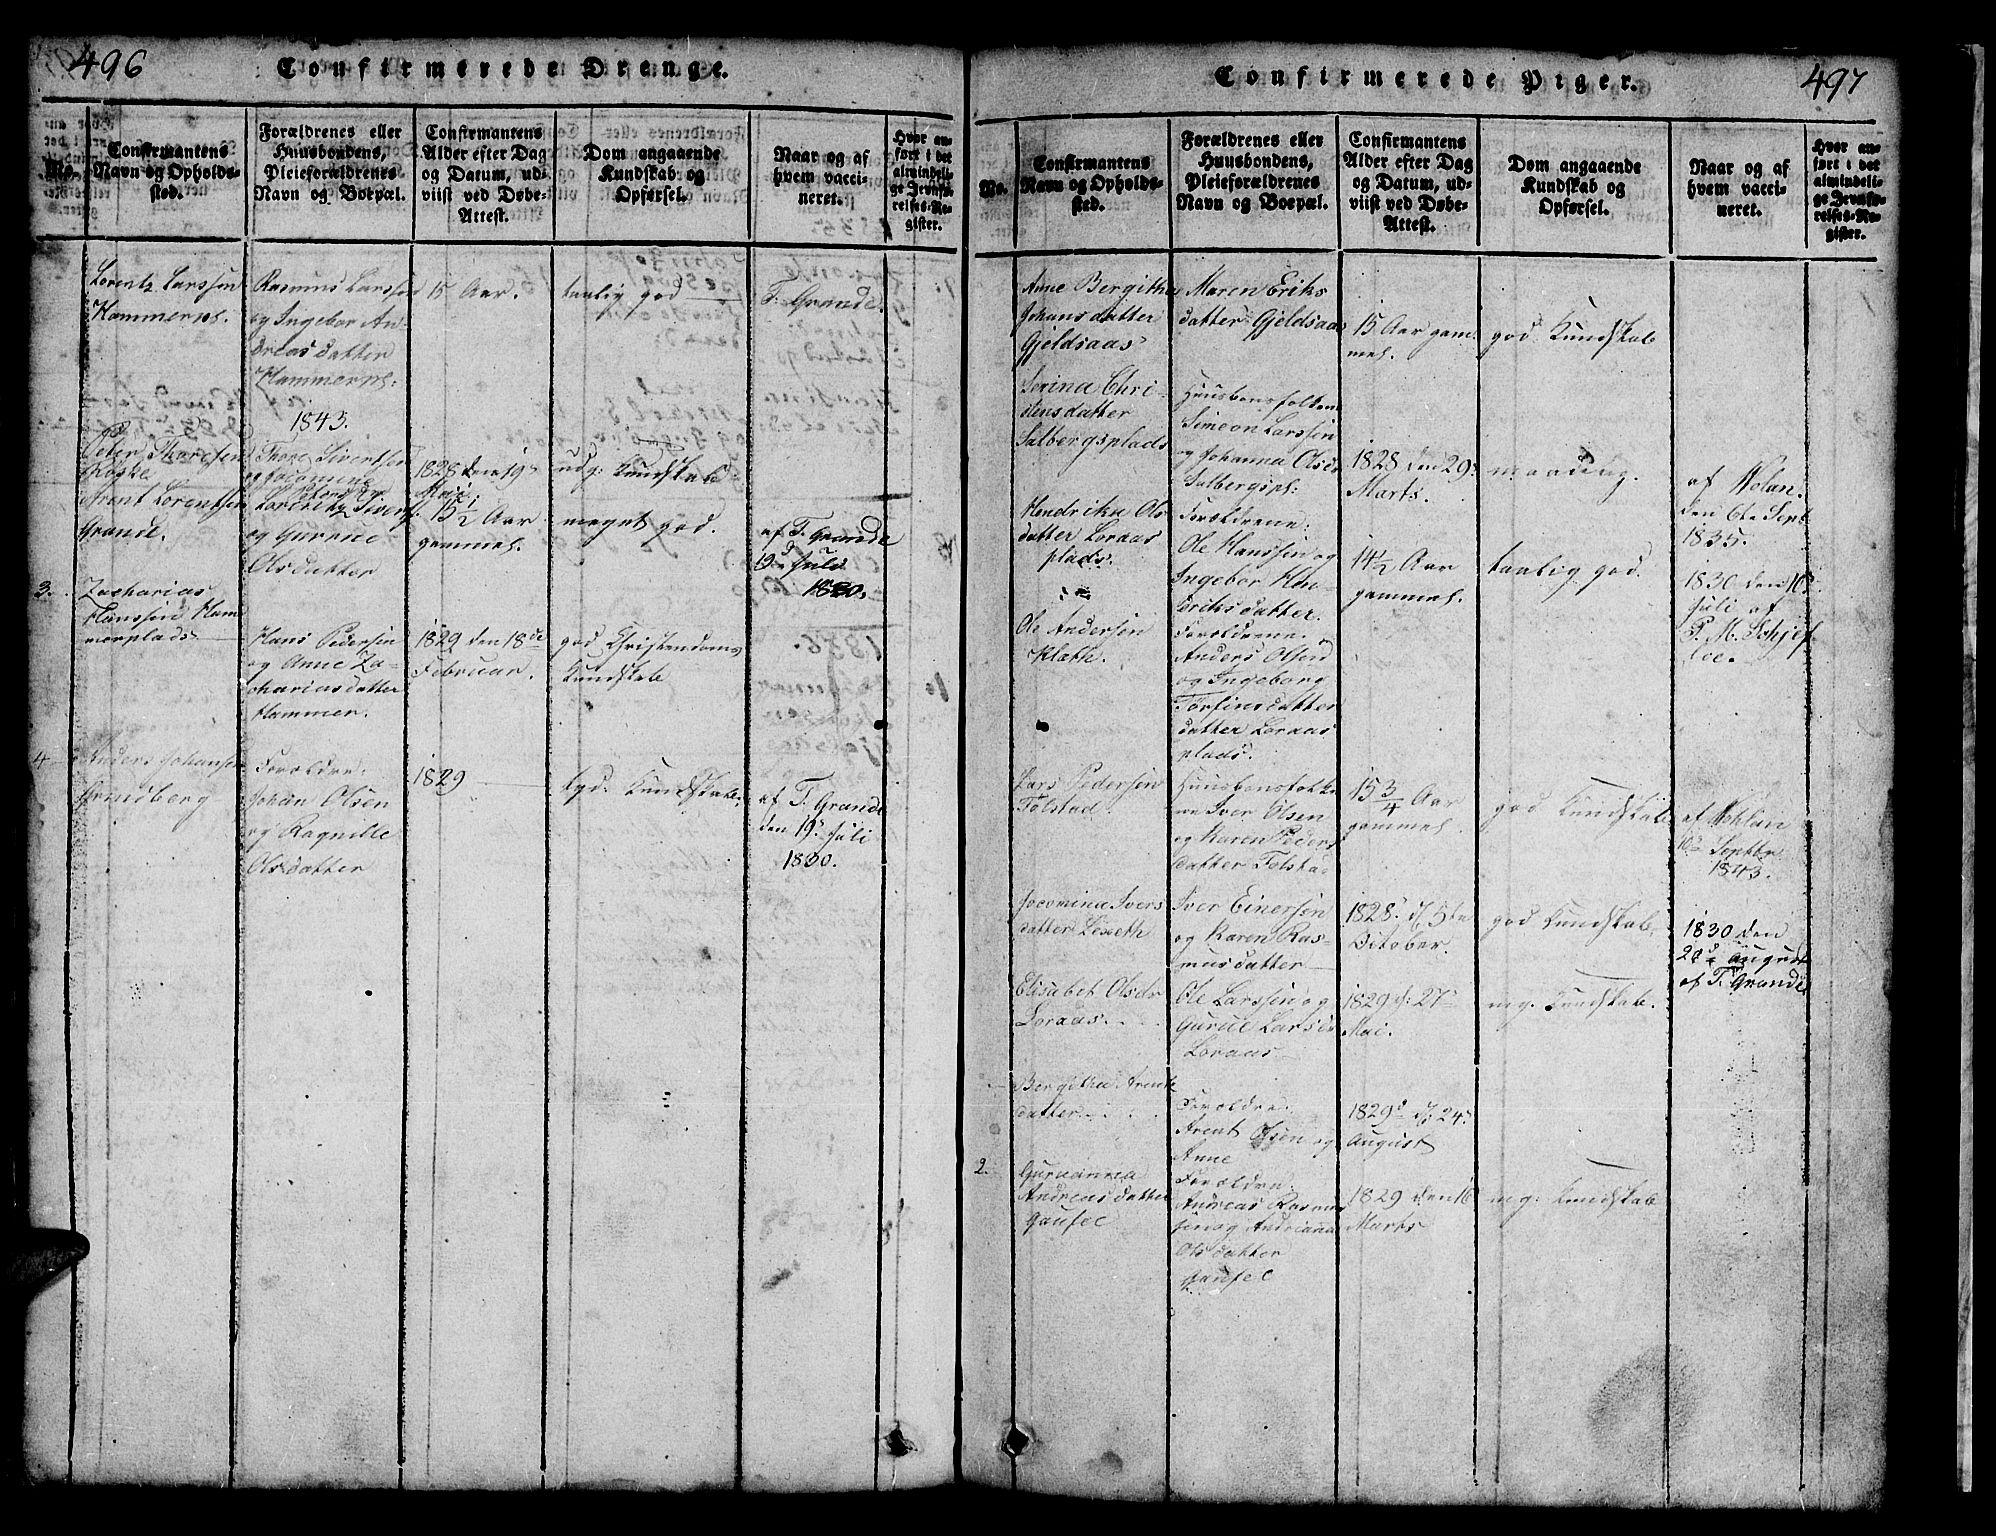 SAT, Ministerialprotokoller, klokkerbøker og fødselsregistre - Nord-Trøndelag, 731/L0310: Klokkerbok nr. 731C01, 1816-1874, s. 496-497